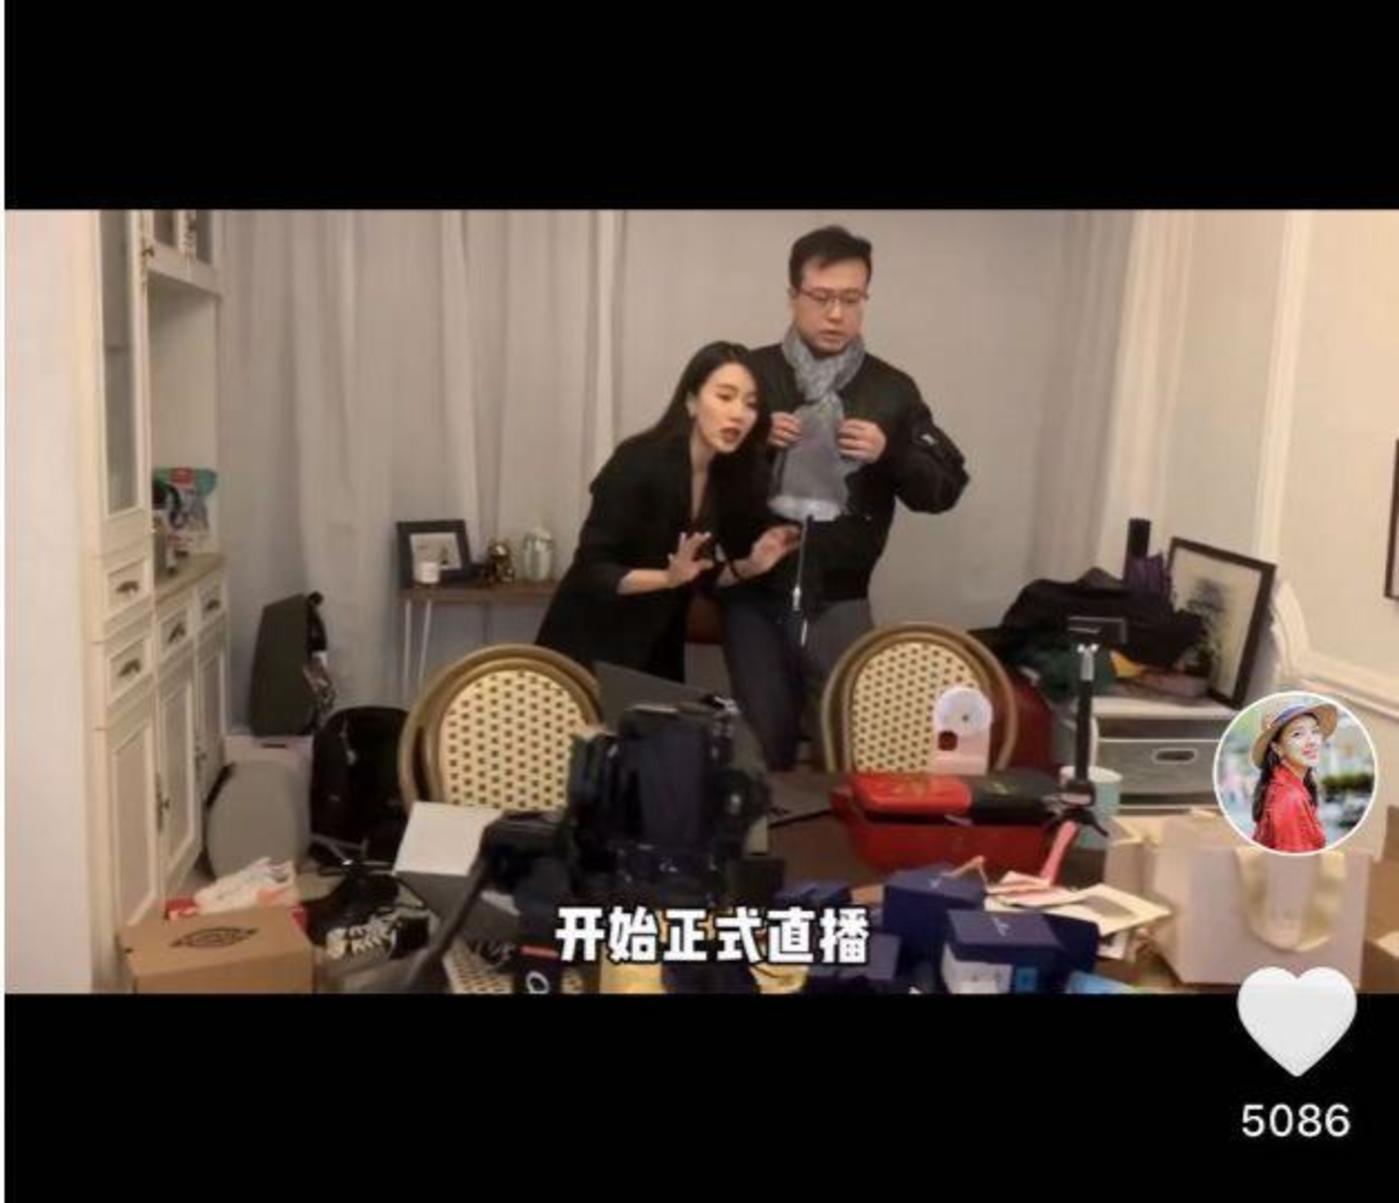 专访猫眼视频MCN:旅游博主也能带货千万,KOL的未来是效果广告KOL家居热搜网 9